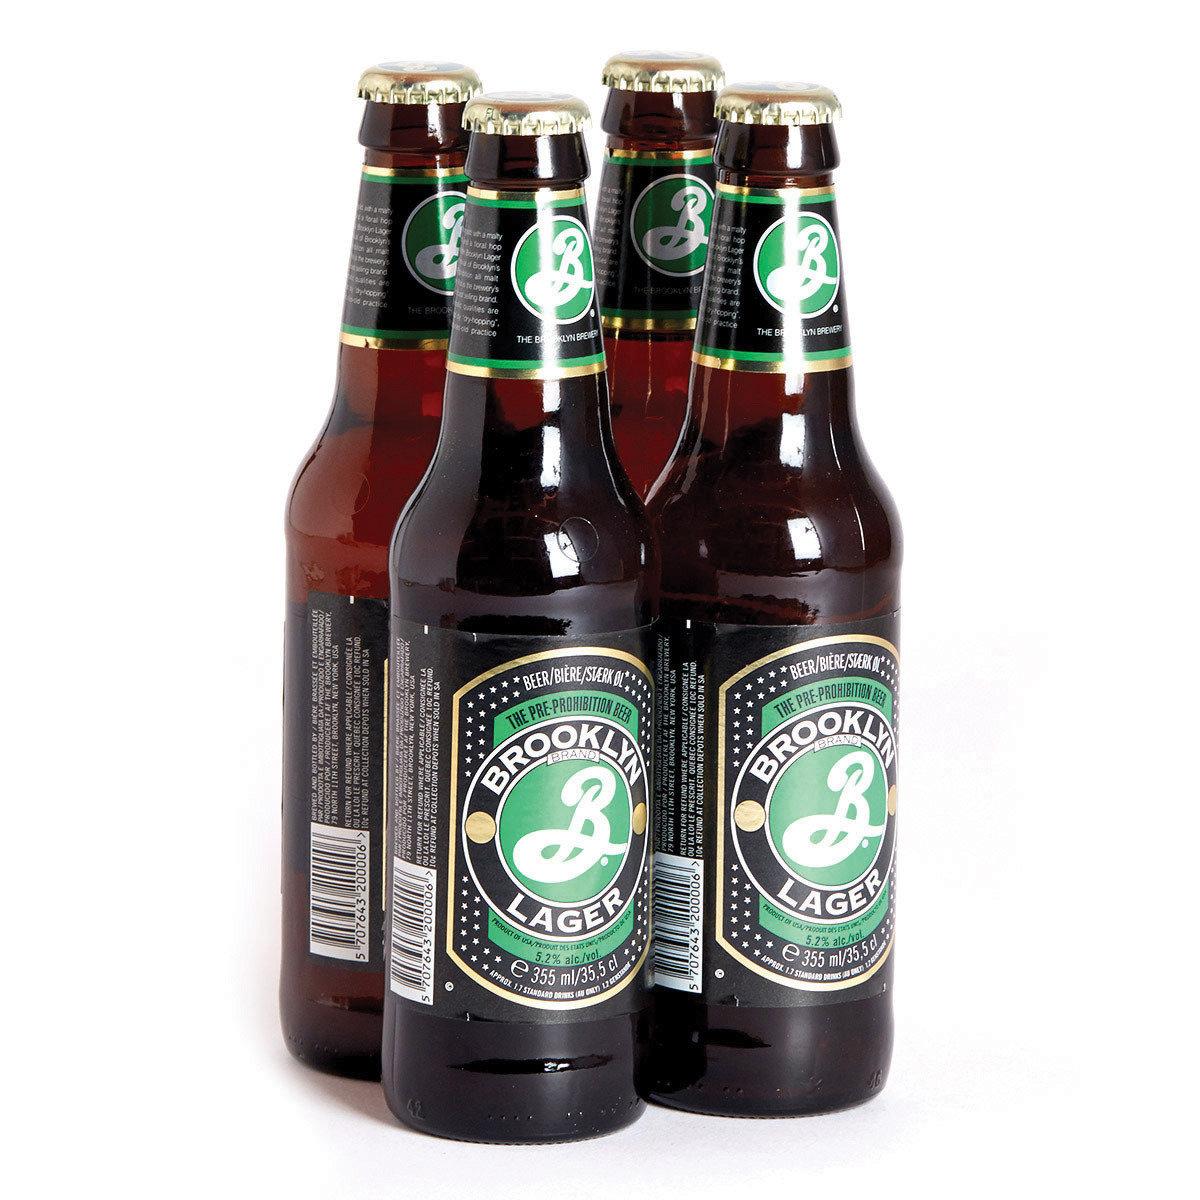 細樽裝啤酒